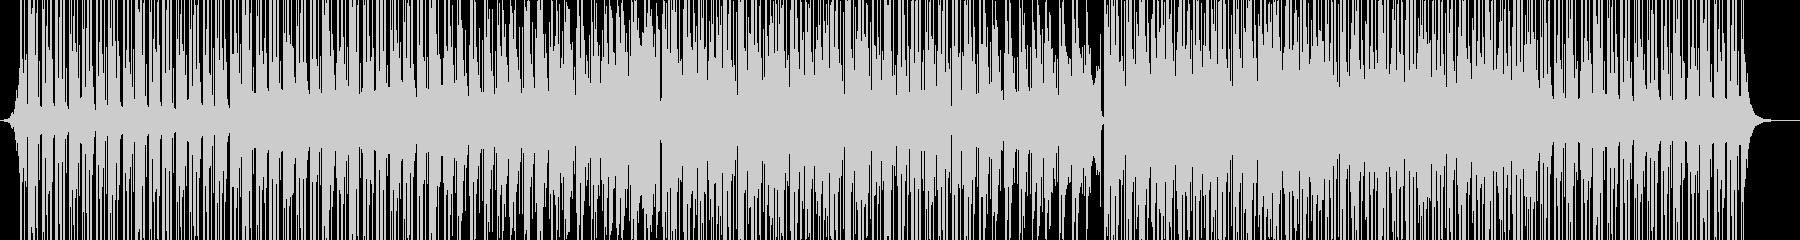 PV-エモ-GoPro-エレクトロ-CMの未再生の波形